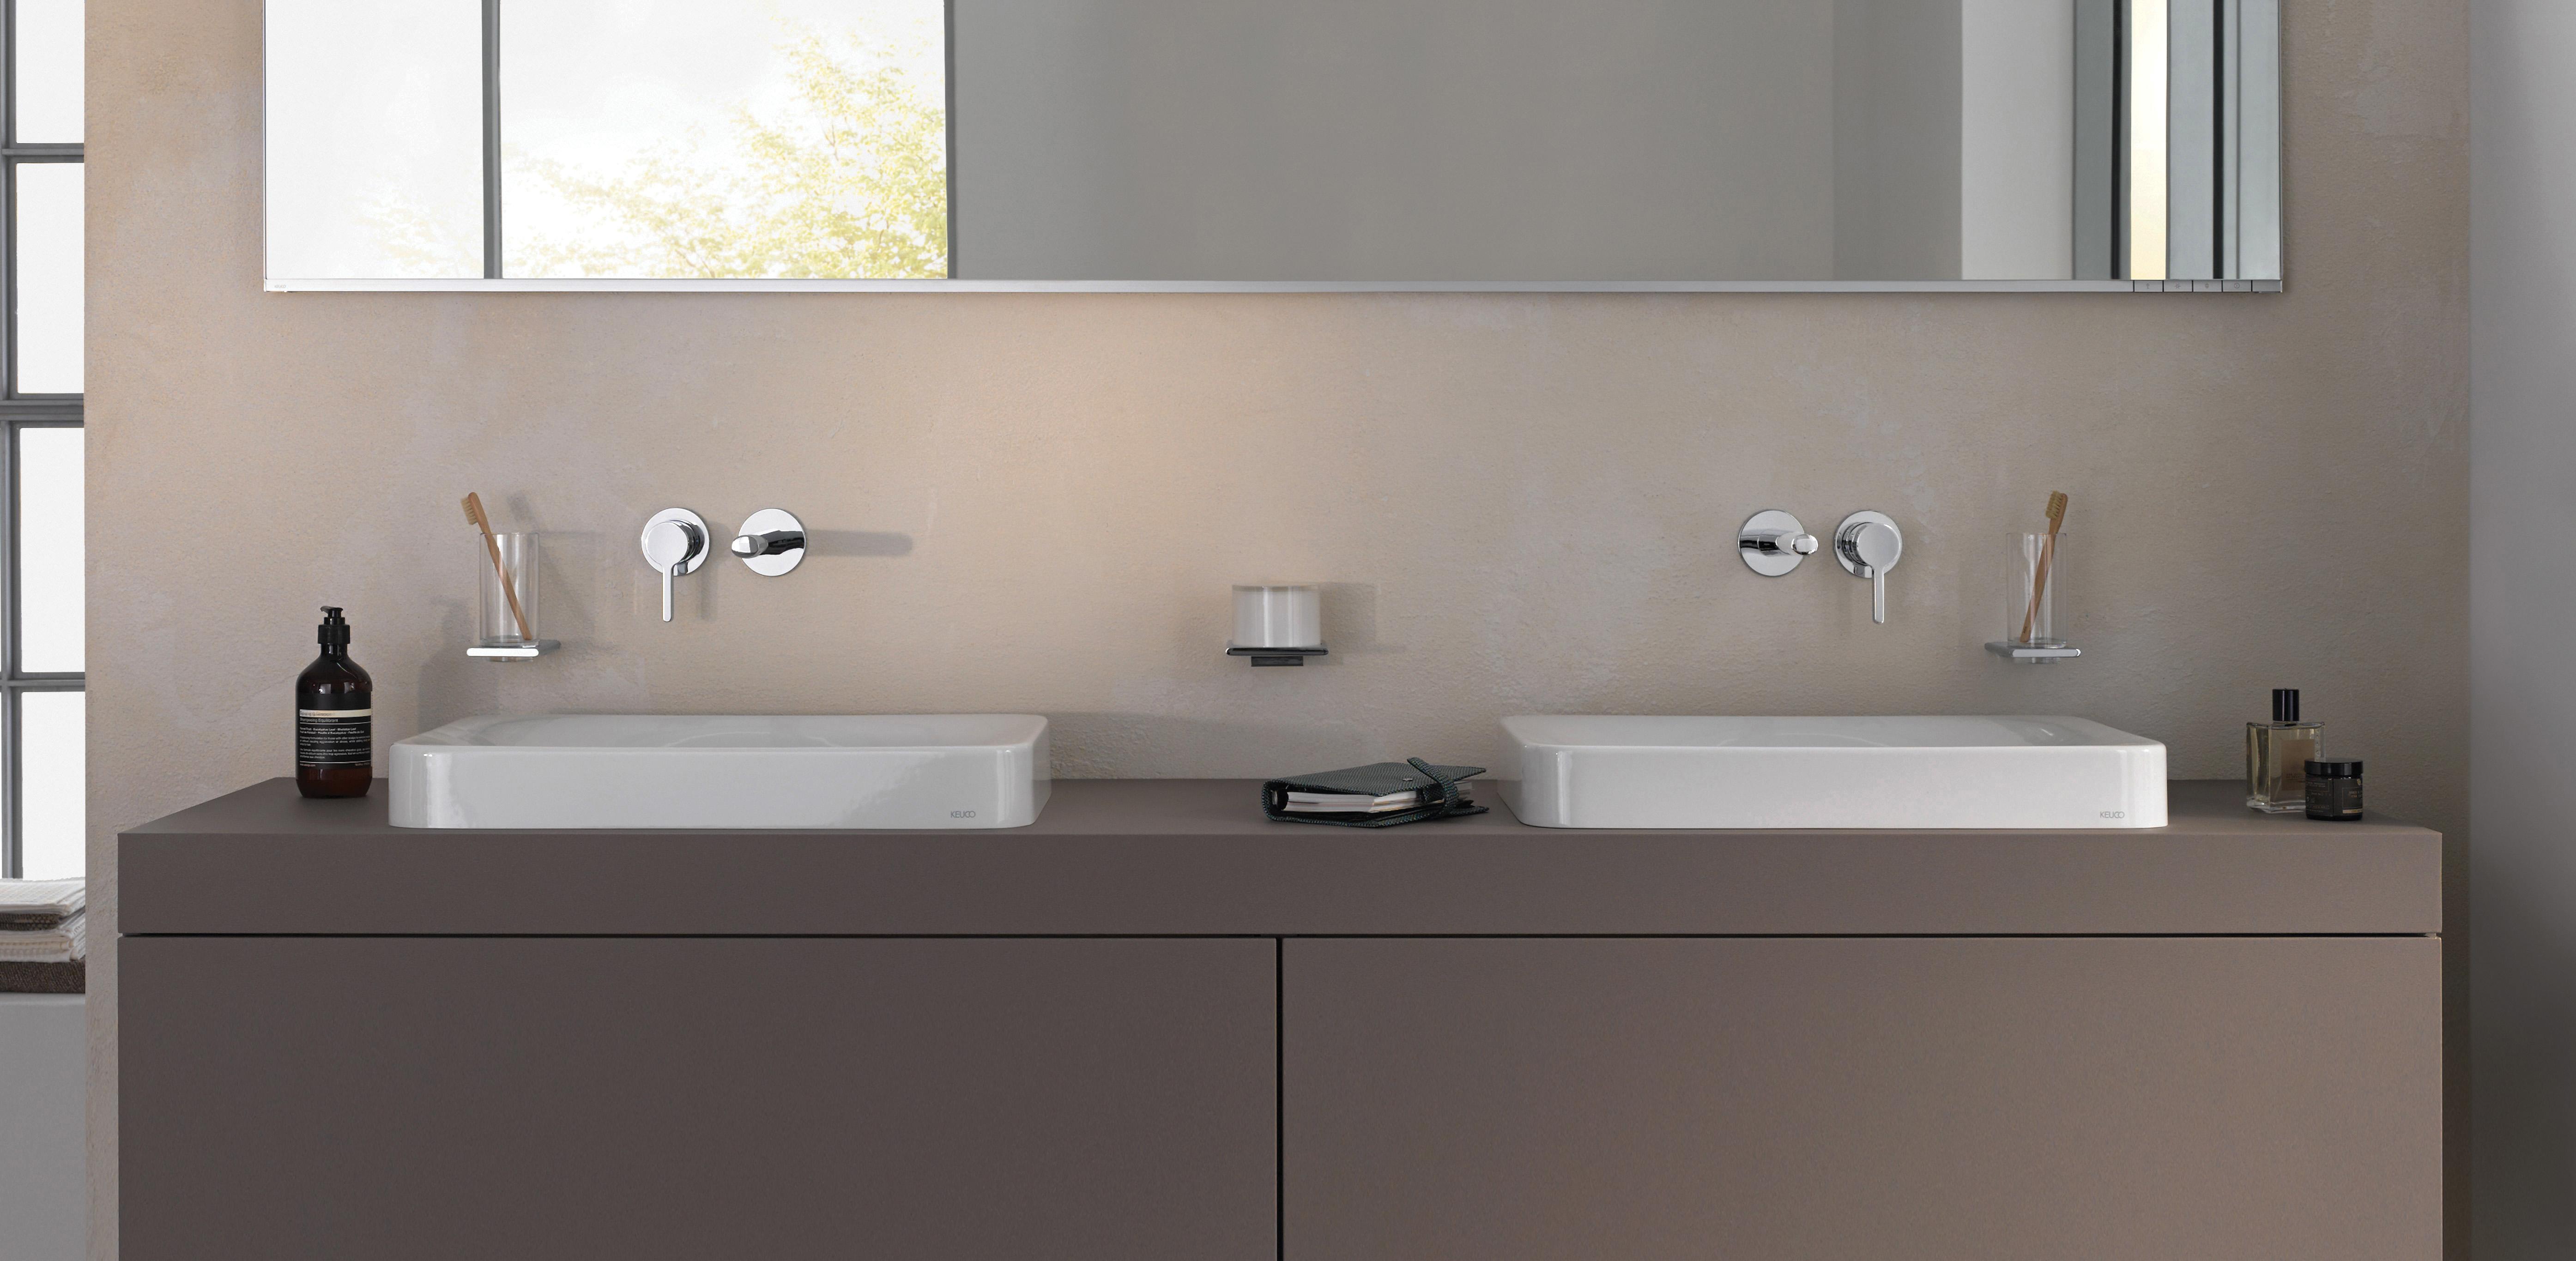 6 - Glass Holder, Soap Dispenser